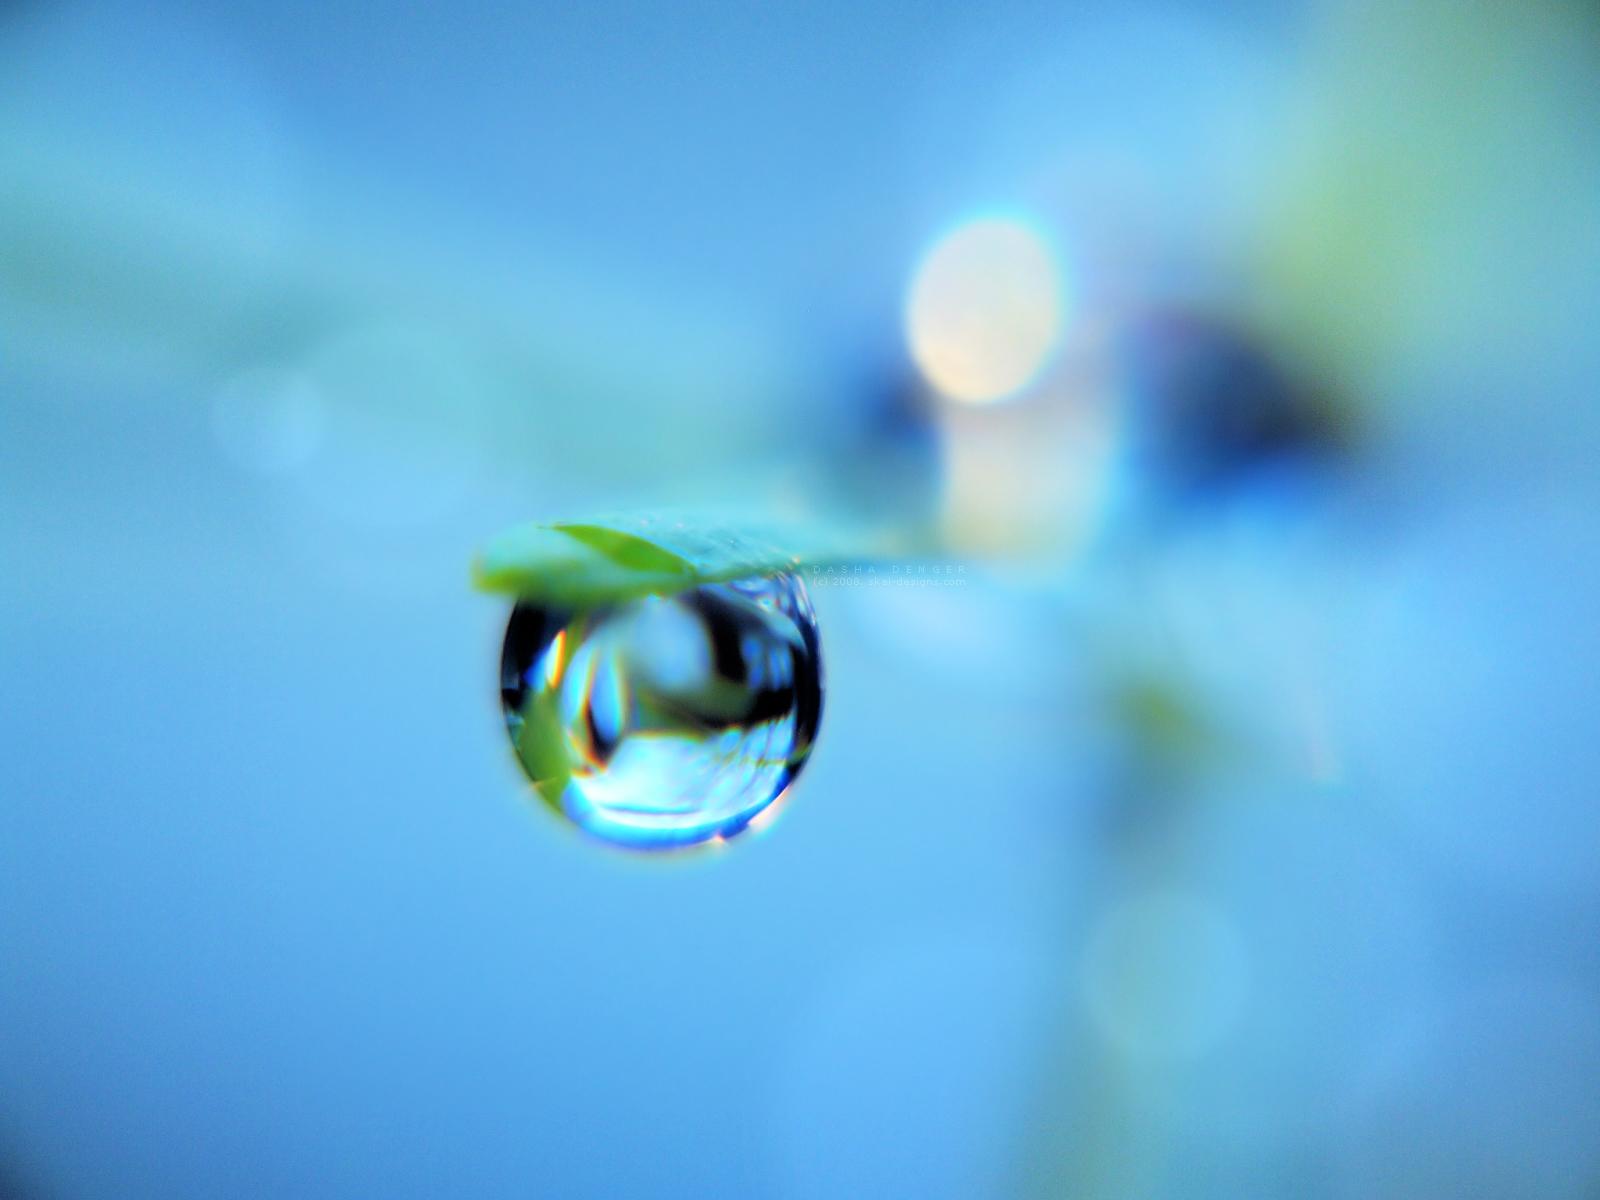 http://1.bp.blogspot.com/-n6gPLIGvQ3Y/TaXbUU3khsI/AAAAAAAAAOY/usLXTs1eMKs/s1600/relax.jpg